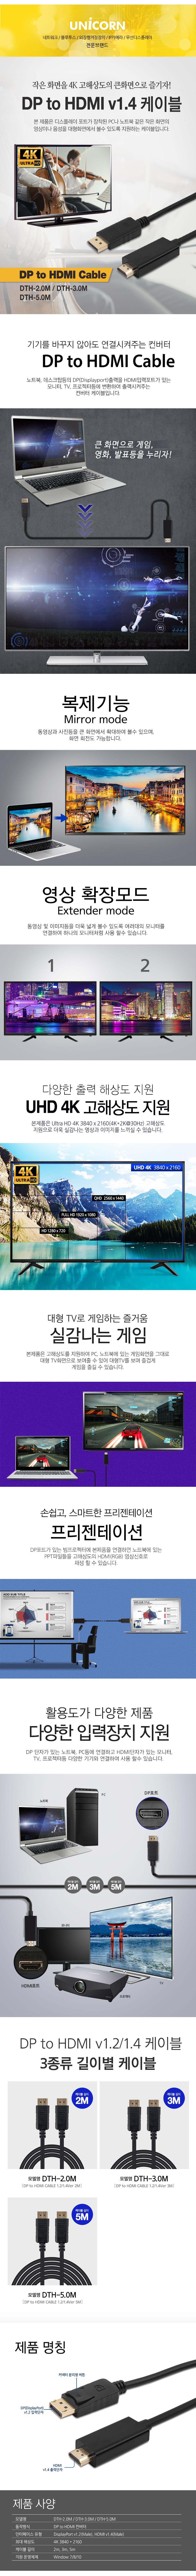 서진네트웍스 UNICORN DisplayPort v1.2 to HDMI v1.4 케이블 (DTH)(5m)